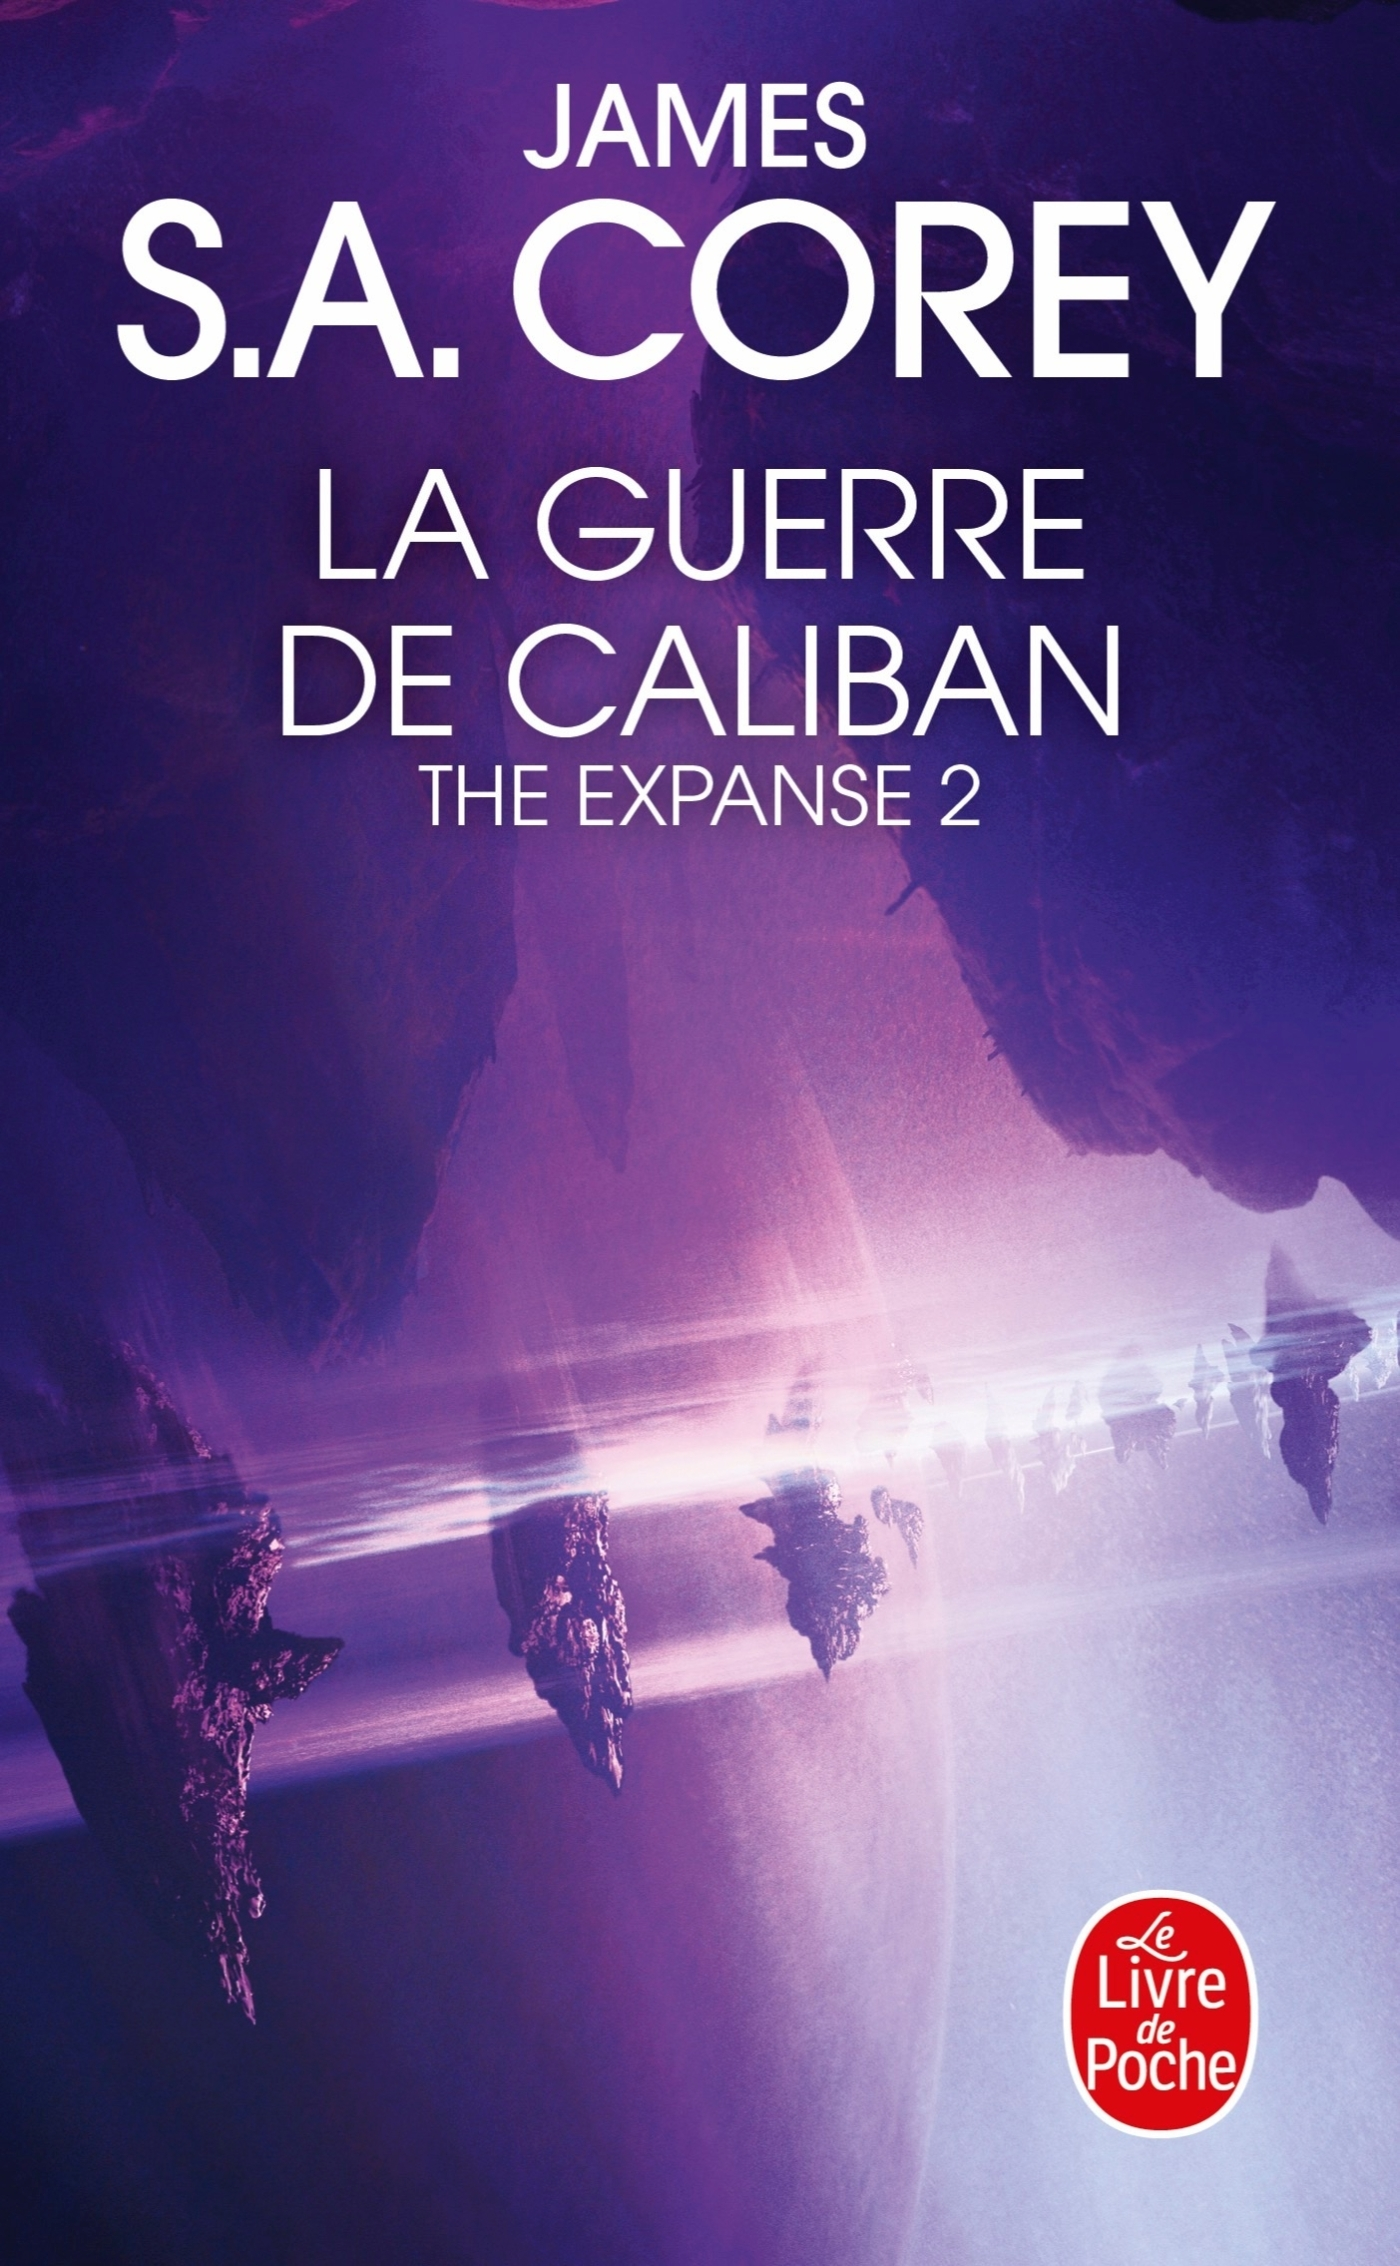 LA GUERRE DE CALIBAN (THE EXPANSE, TOME 2)